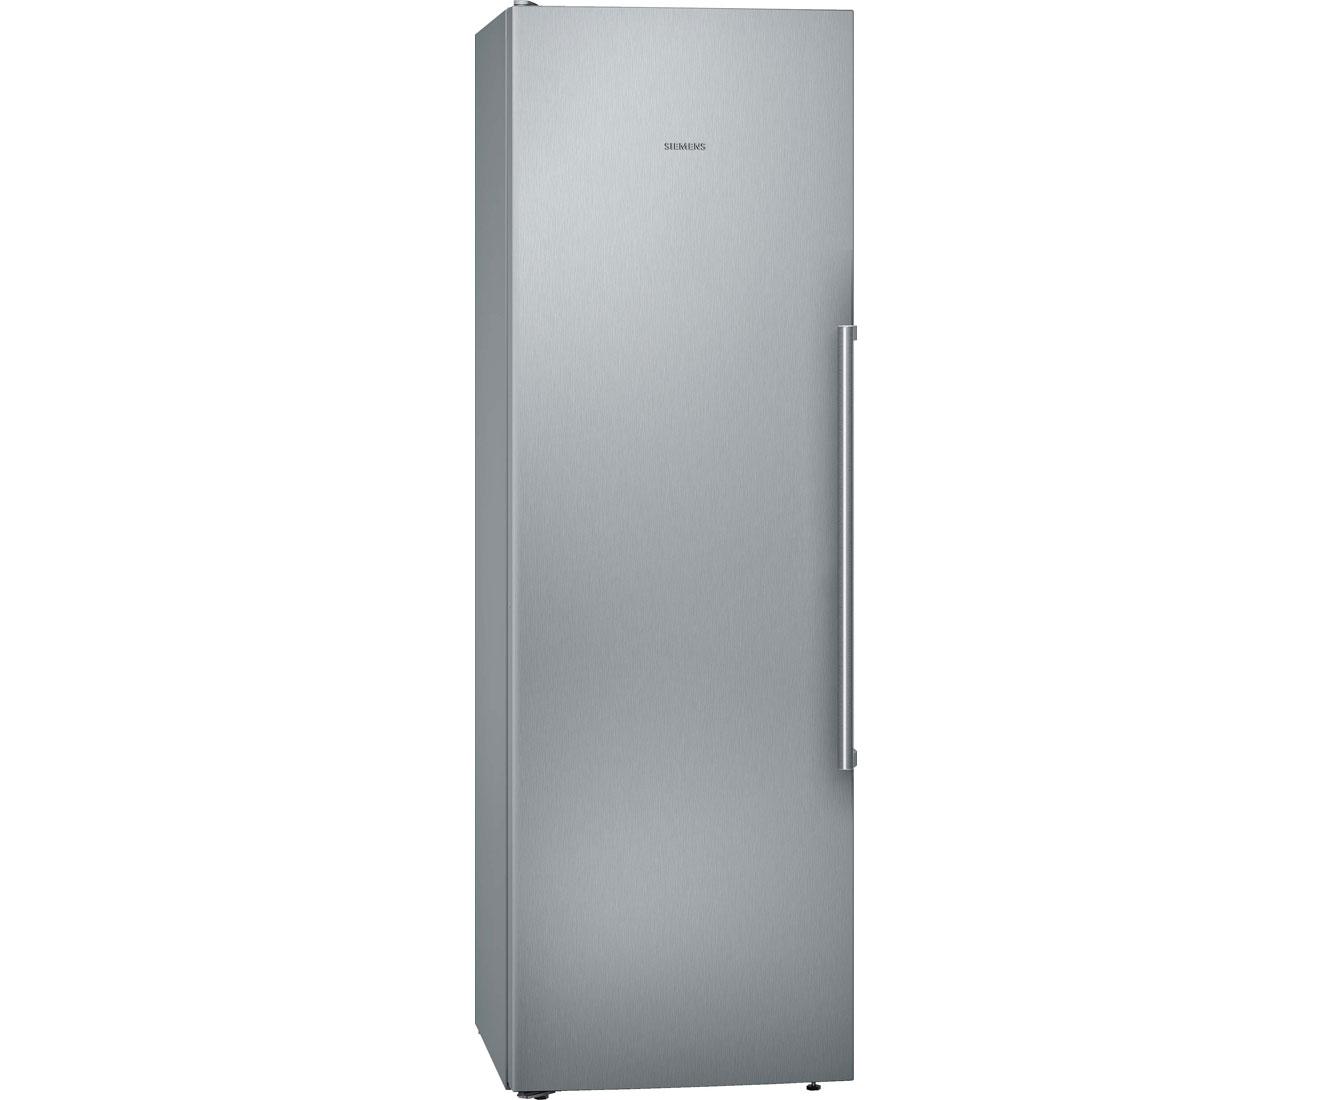 Mini Kühlschrank Liebherr : Tischkühlschrank edelstahl liebherr tpesf